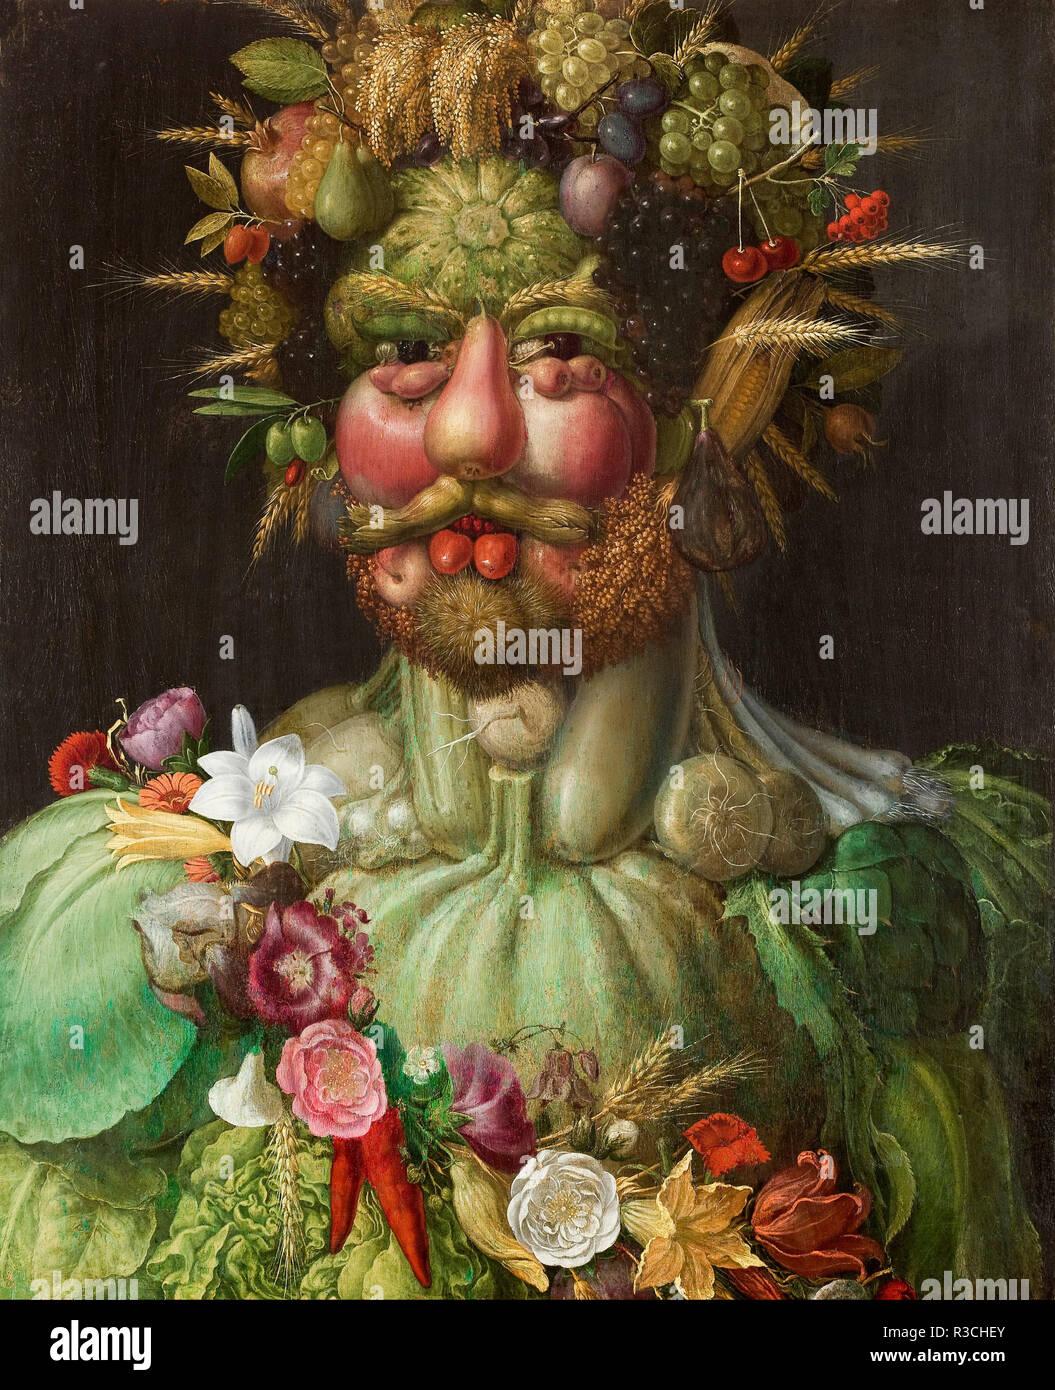 Rodolfo II di Hamsburg Vertumnus o. Data/Periodo: 1590. Disegno. Olio su pannello. Altezza: 680 mm (26.77 in); larghezza: 560 mm (22.04 in). Autore: Giuseppe Arcimboldo. ARCIMBOLDO, GIUSEPPE. Foto Stock